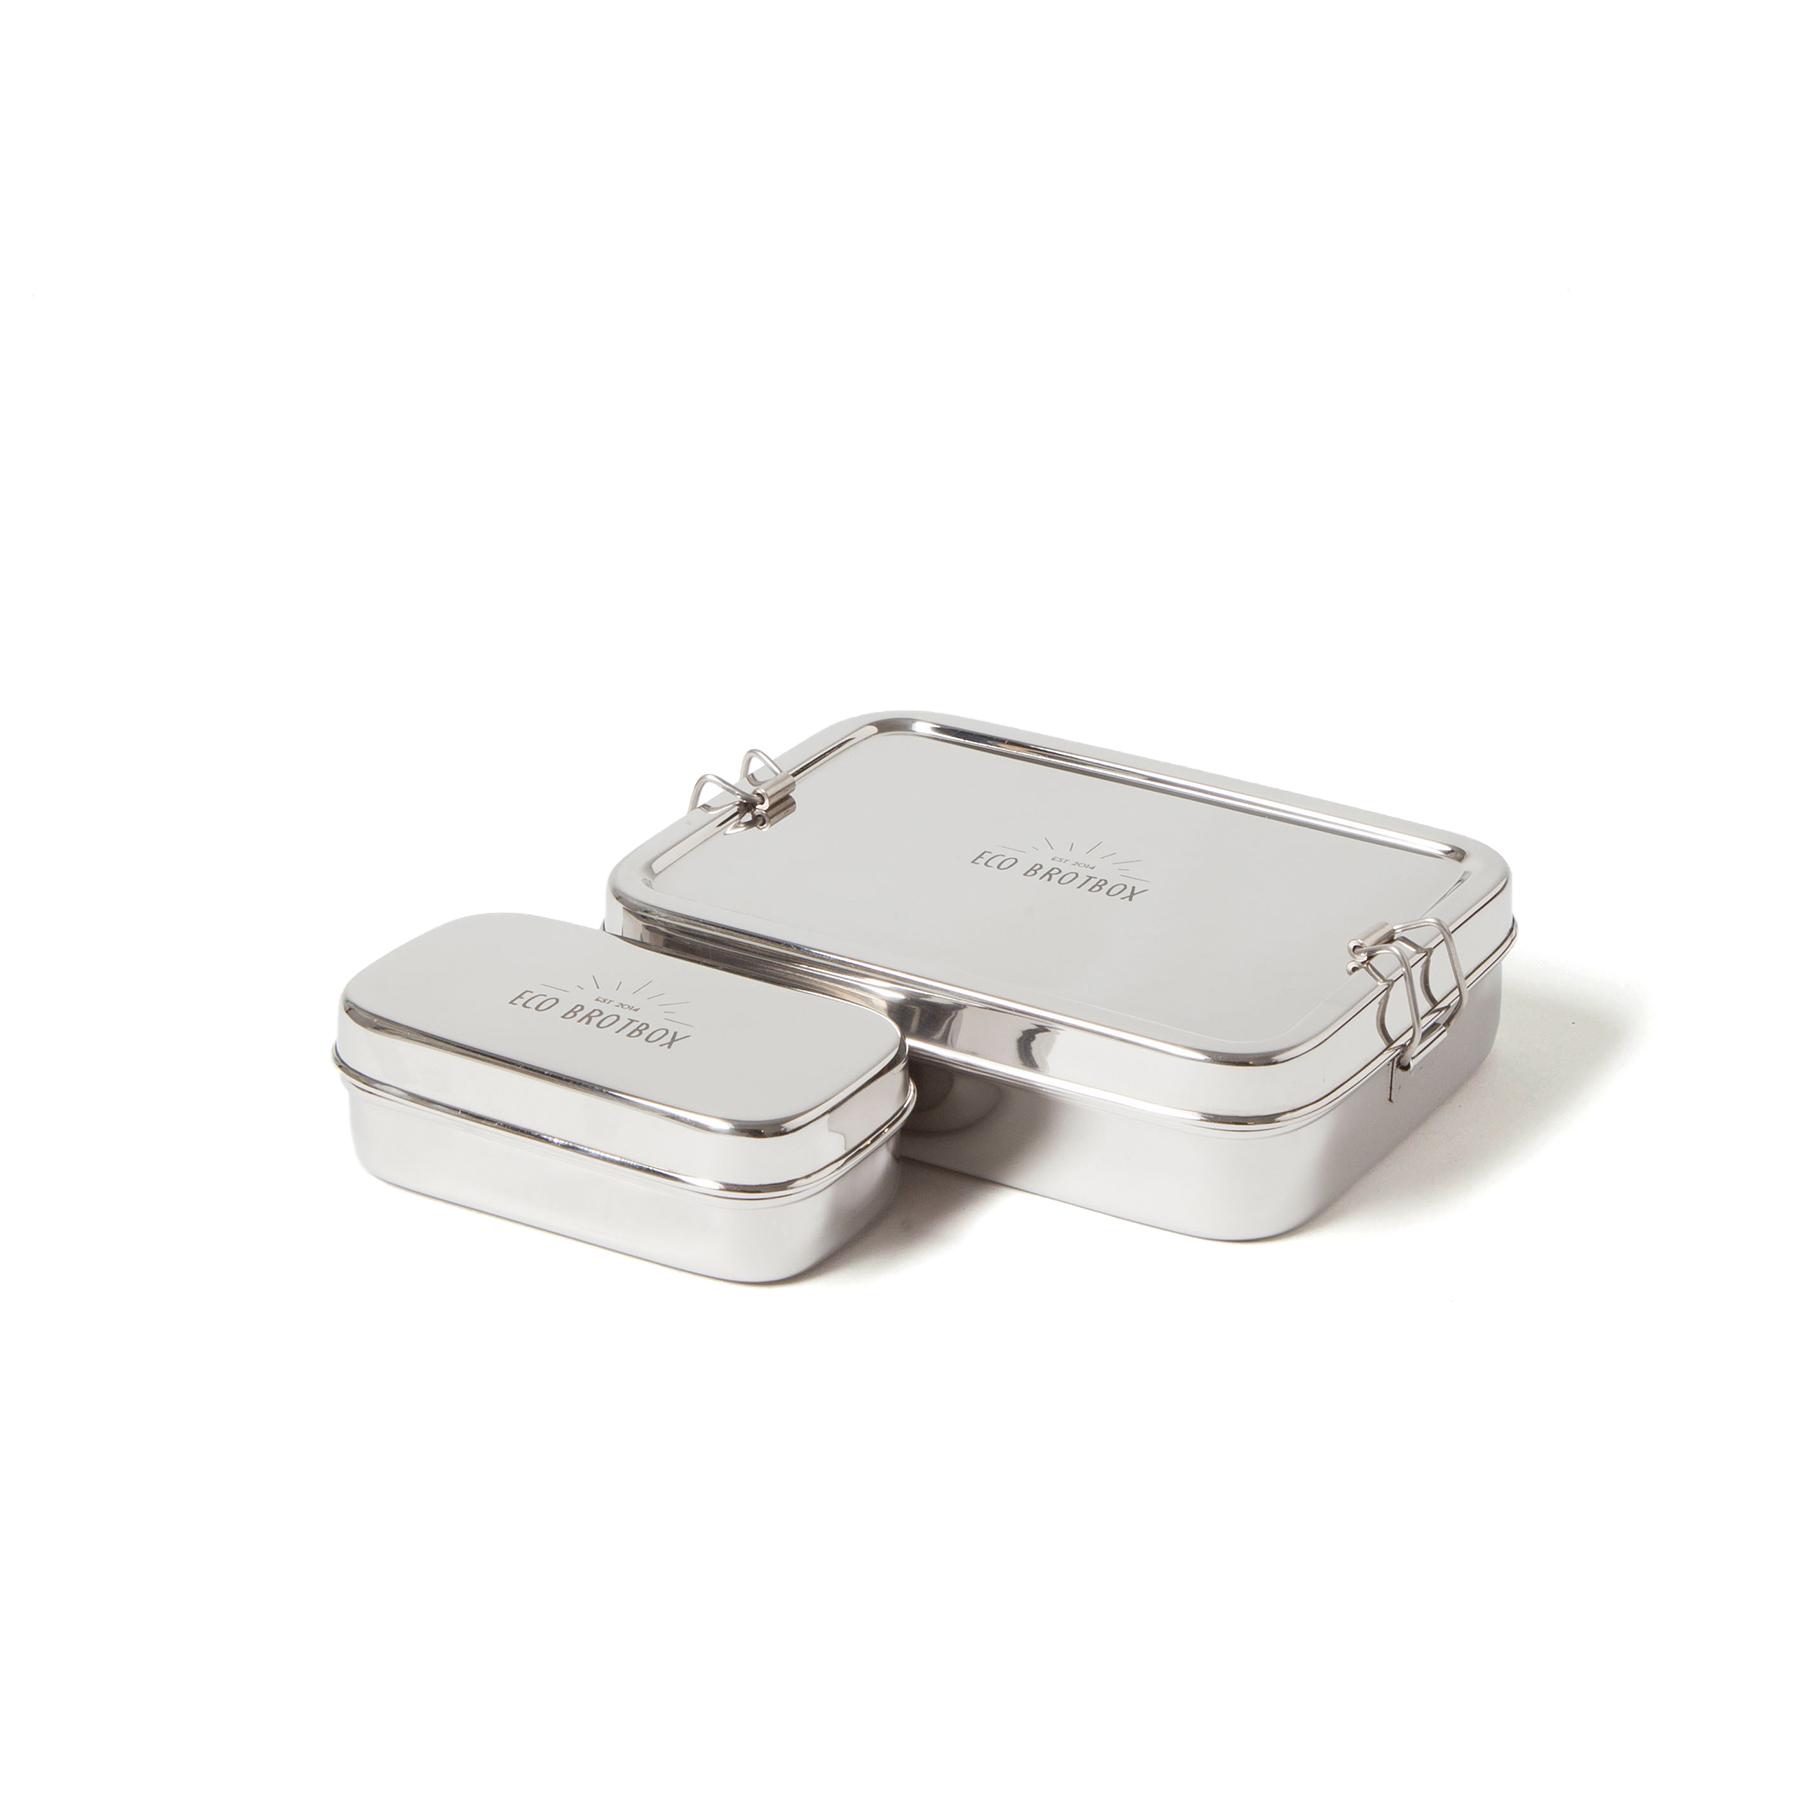 Brotbox Xl inkl. Snackbox XL, aus Edelstahl, EcoBrotbox